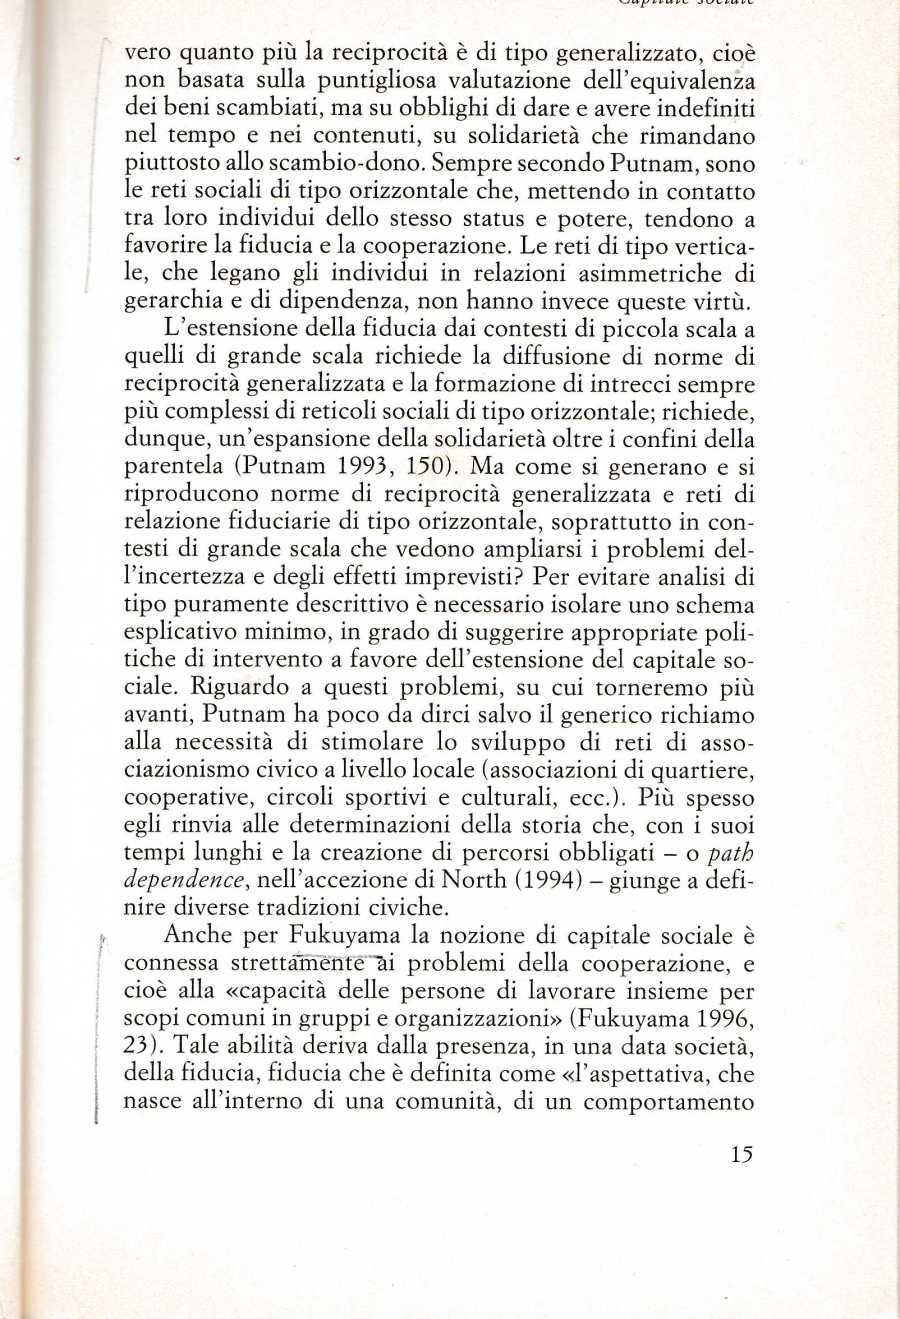 CAPITALE SOC3211